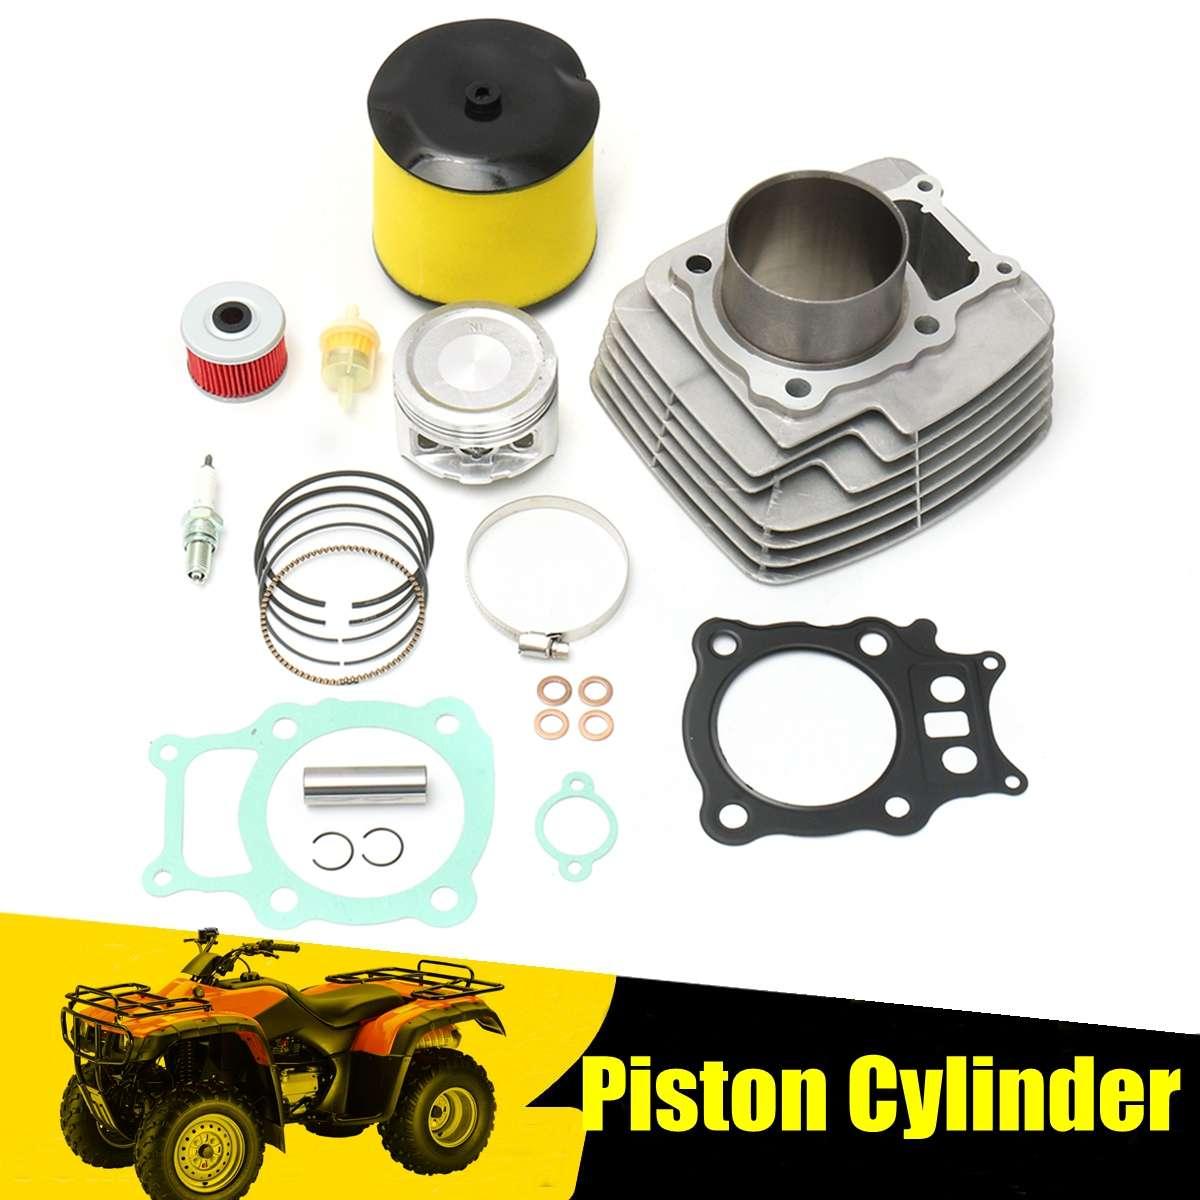 Cylindre Piston pour bougie filtre joint anneaux pour Honda Rancher TRX350 pour TRX 350 2000-2006 12100-HN5-670